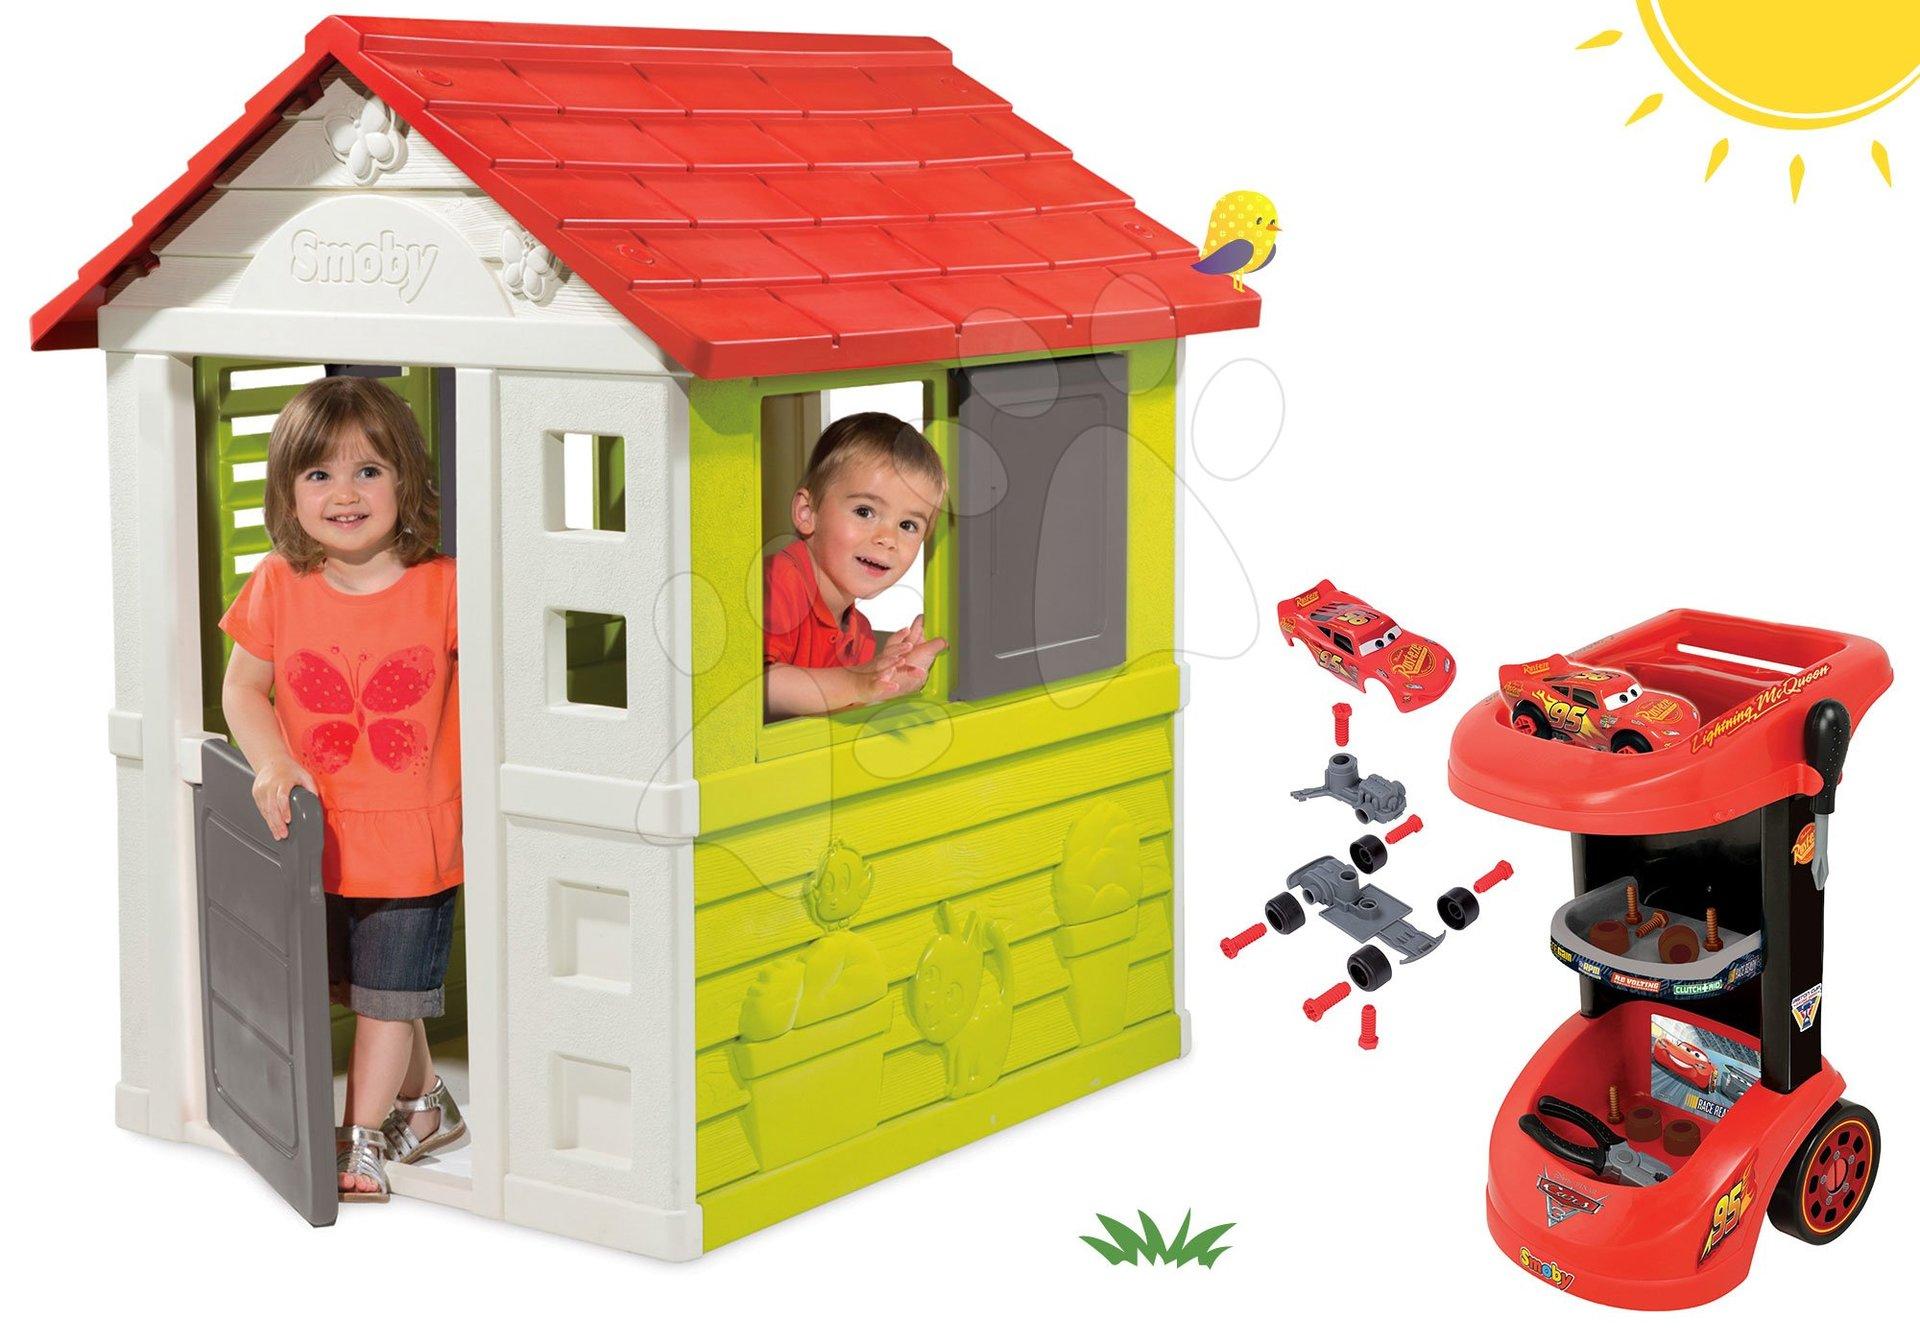 Set domeček Nature Smoby červený s 3 okny a 2 žaluziemi a pracovní dílna vozík Cars 3 od 24 měsíců